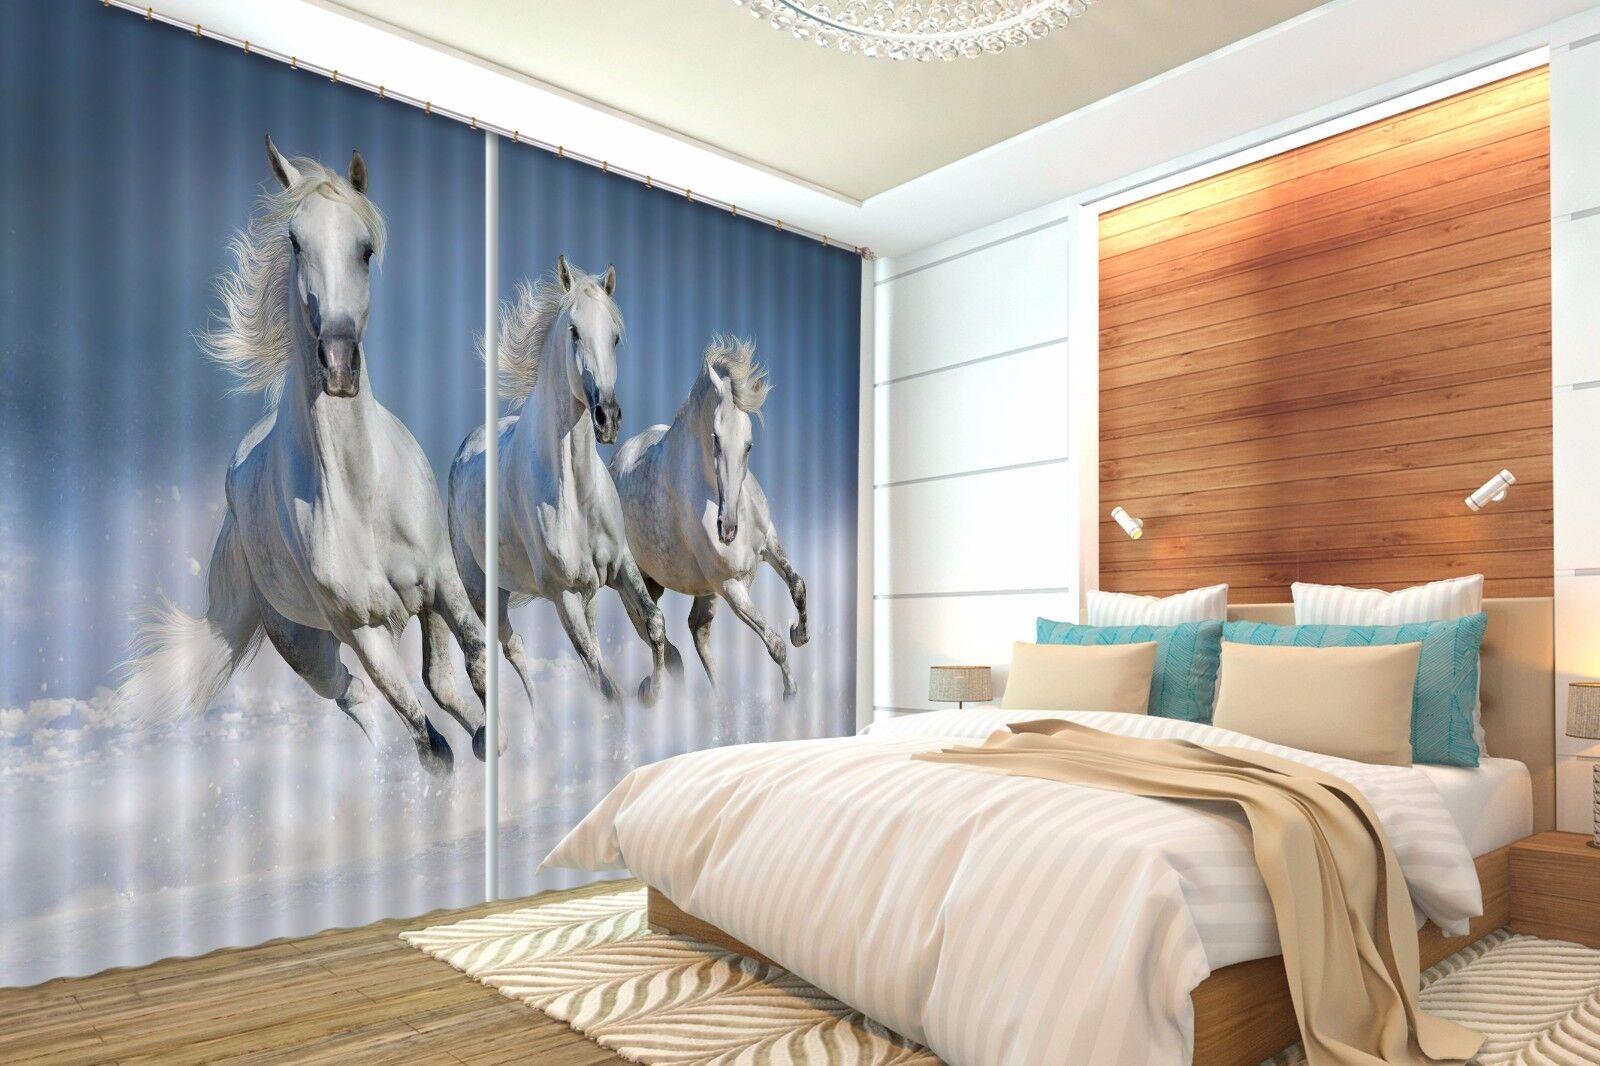 Caballo blancoo 3D 679 Cortinas de impresión de cortina de foto Blockout Tela Cortinas Ventana Reino Unido